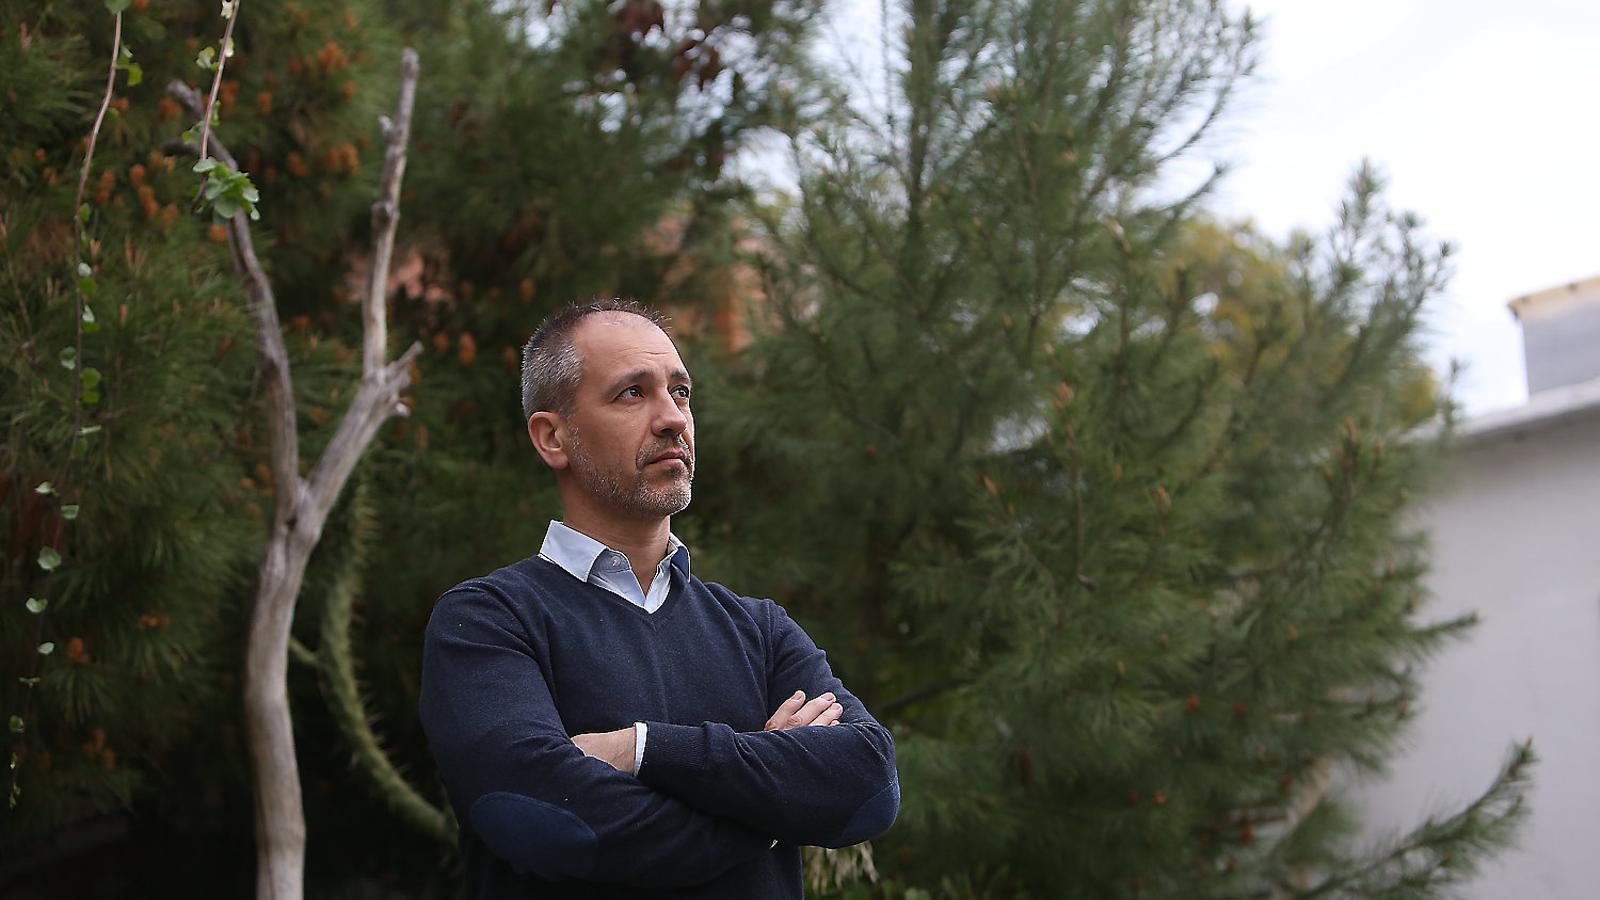 La catalana Ismet lidera una empresa de reg amb aigua salada